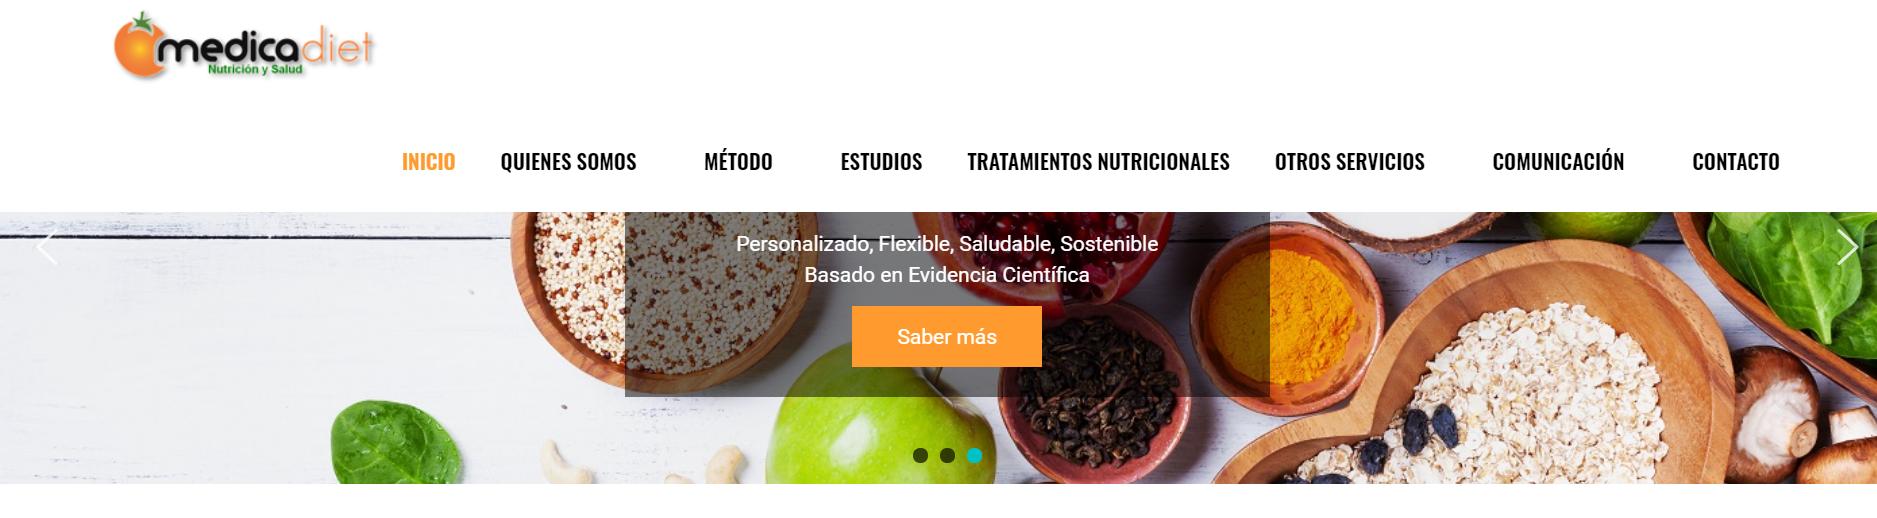 SEO, Redes Sociales y Programación para Medicadiet - Creación de Sitios Web